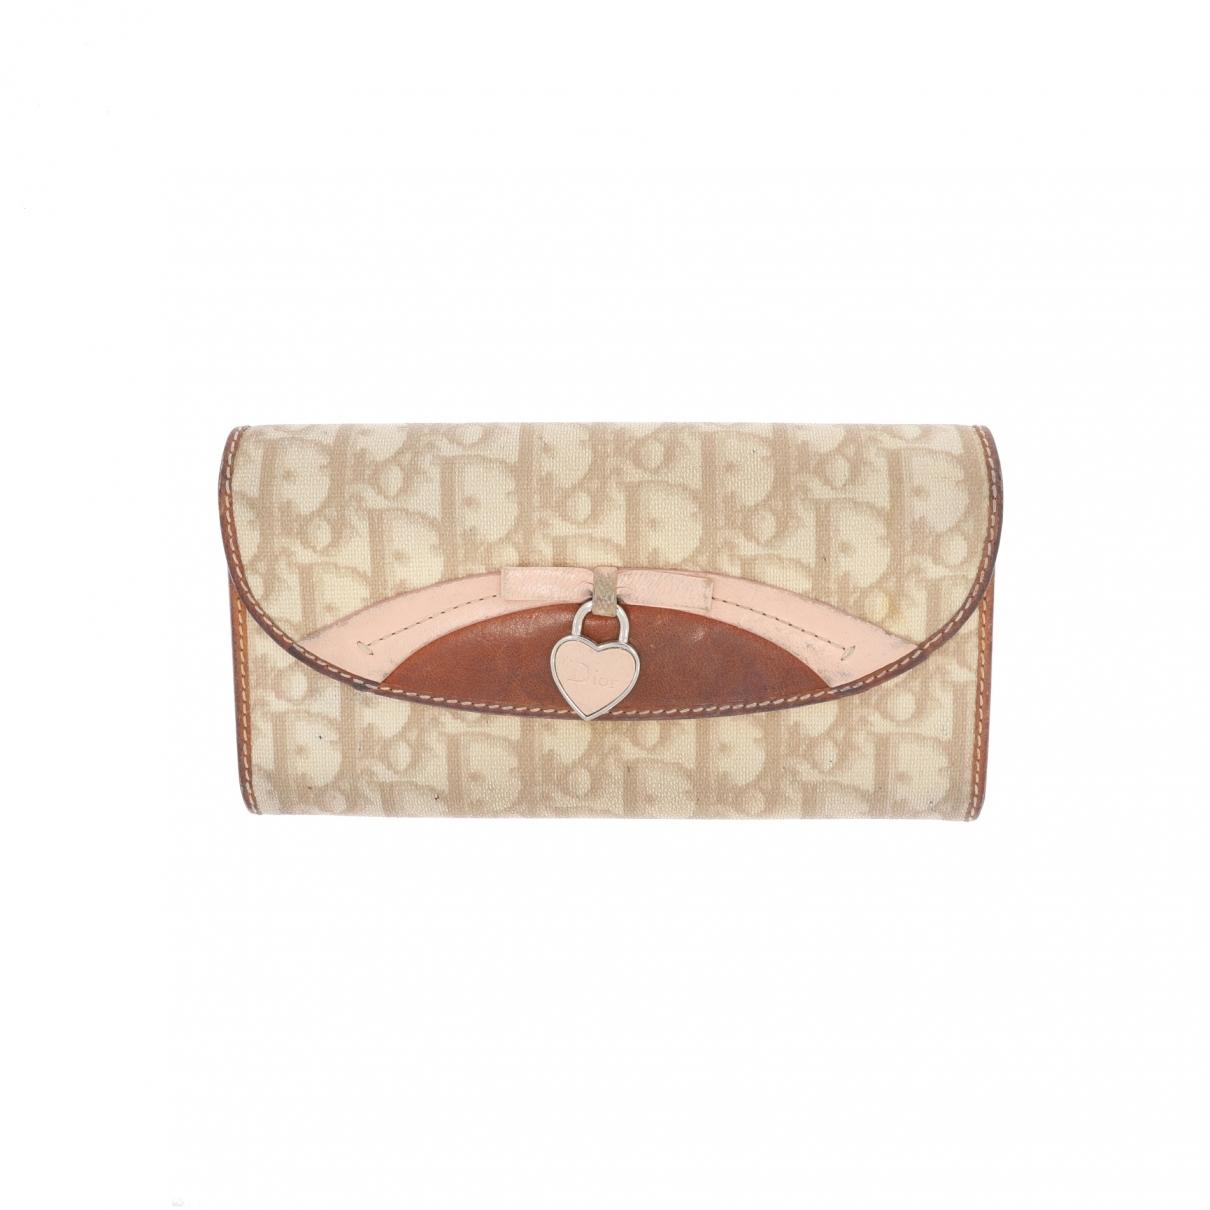 Dior \N Portemonnaie in  Beige Leinen